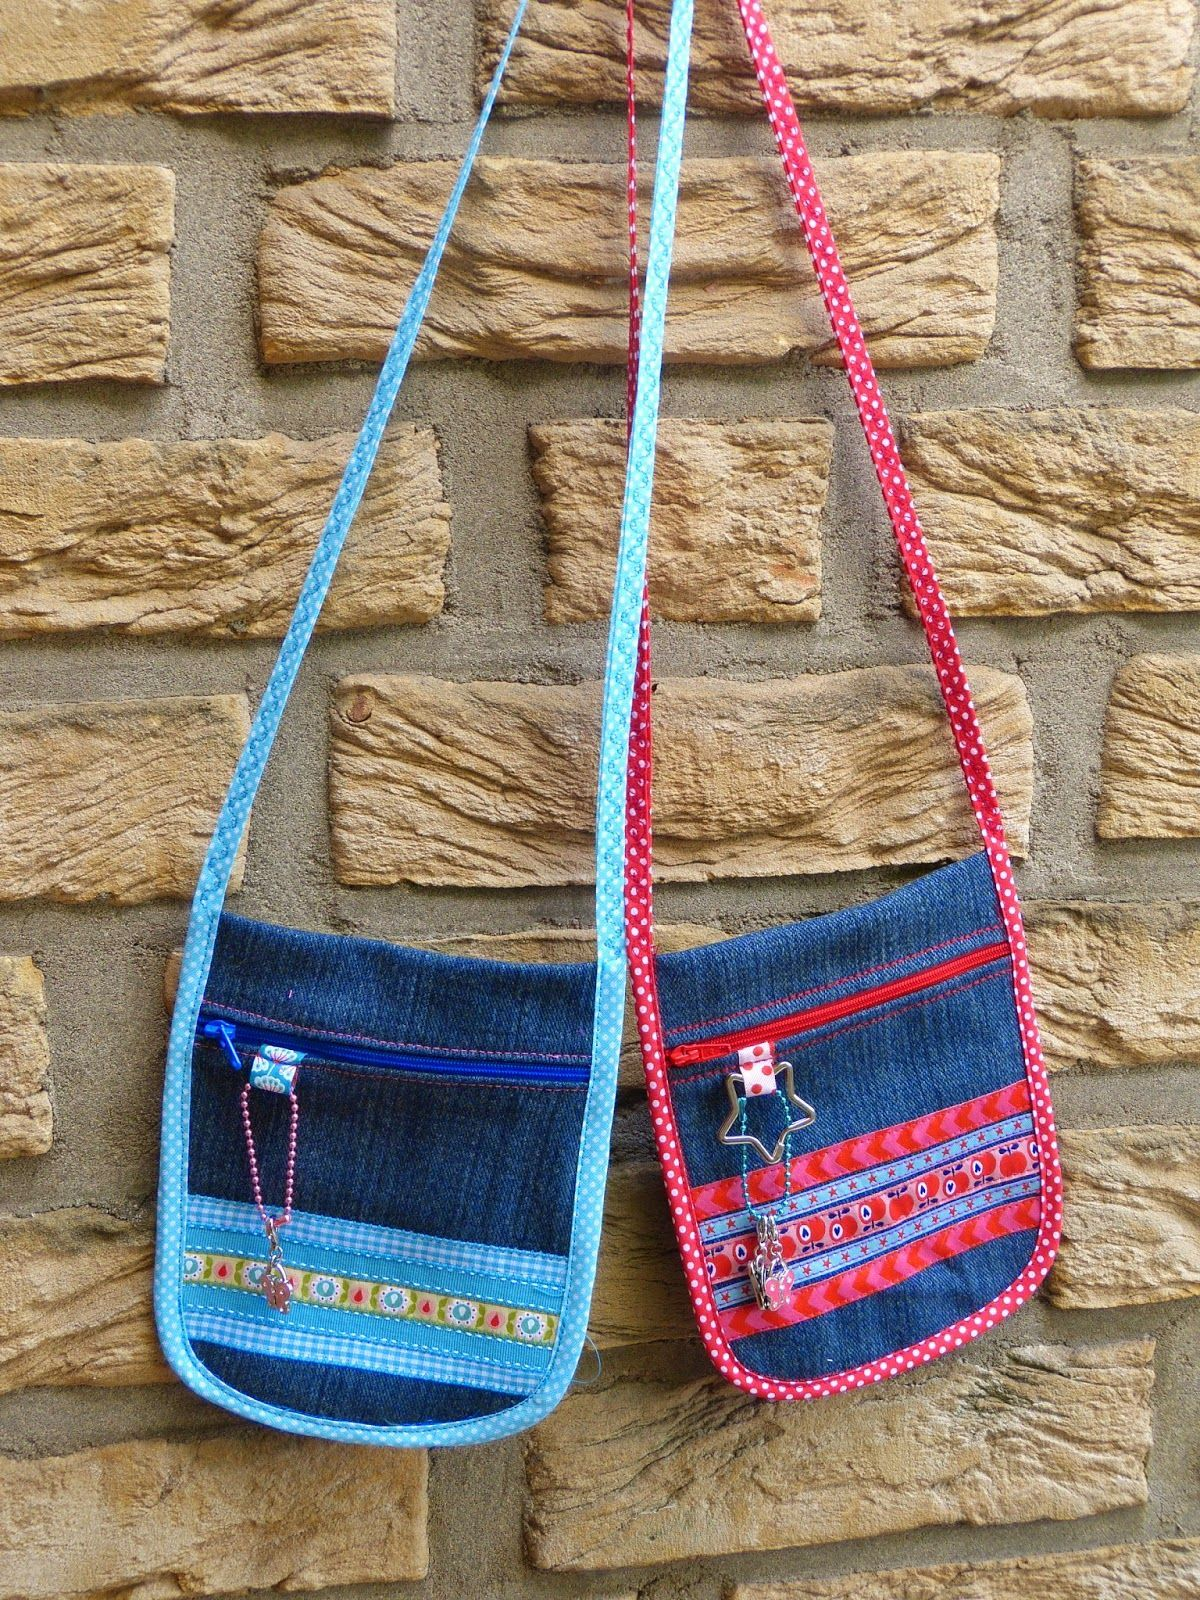 Brustbeutel aus alter Jeans  Neck pouches made from old pair of jeans  Upcycling Finesse des weiteren Handwerk Was ist Kunsthandwerk In dem Allgemeinen bezieht zigeunern...